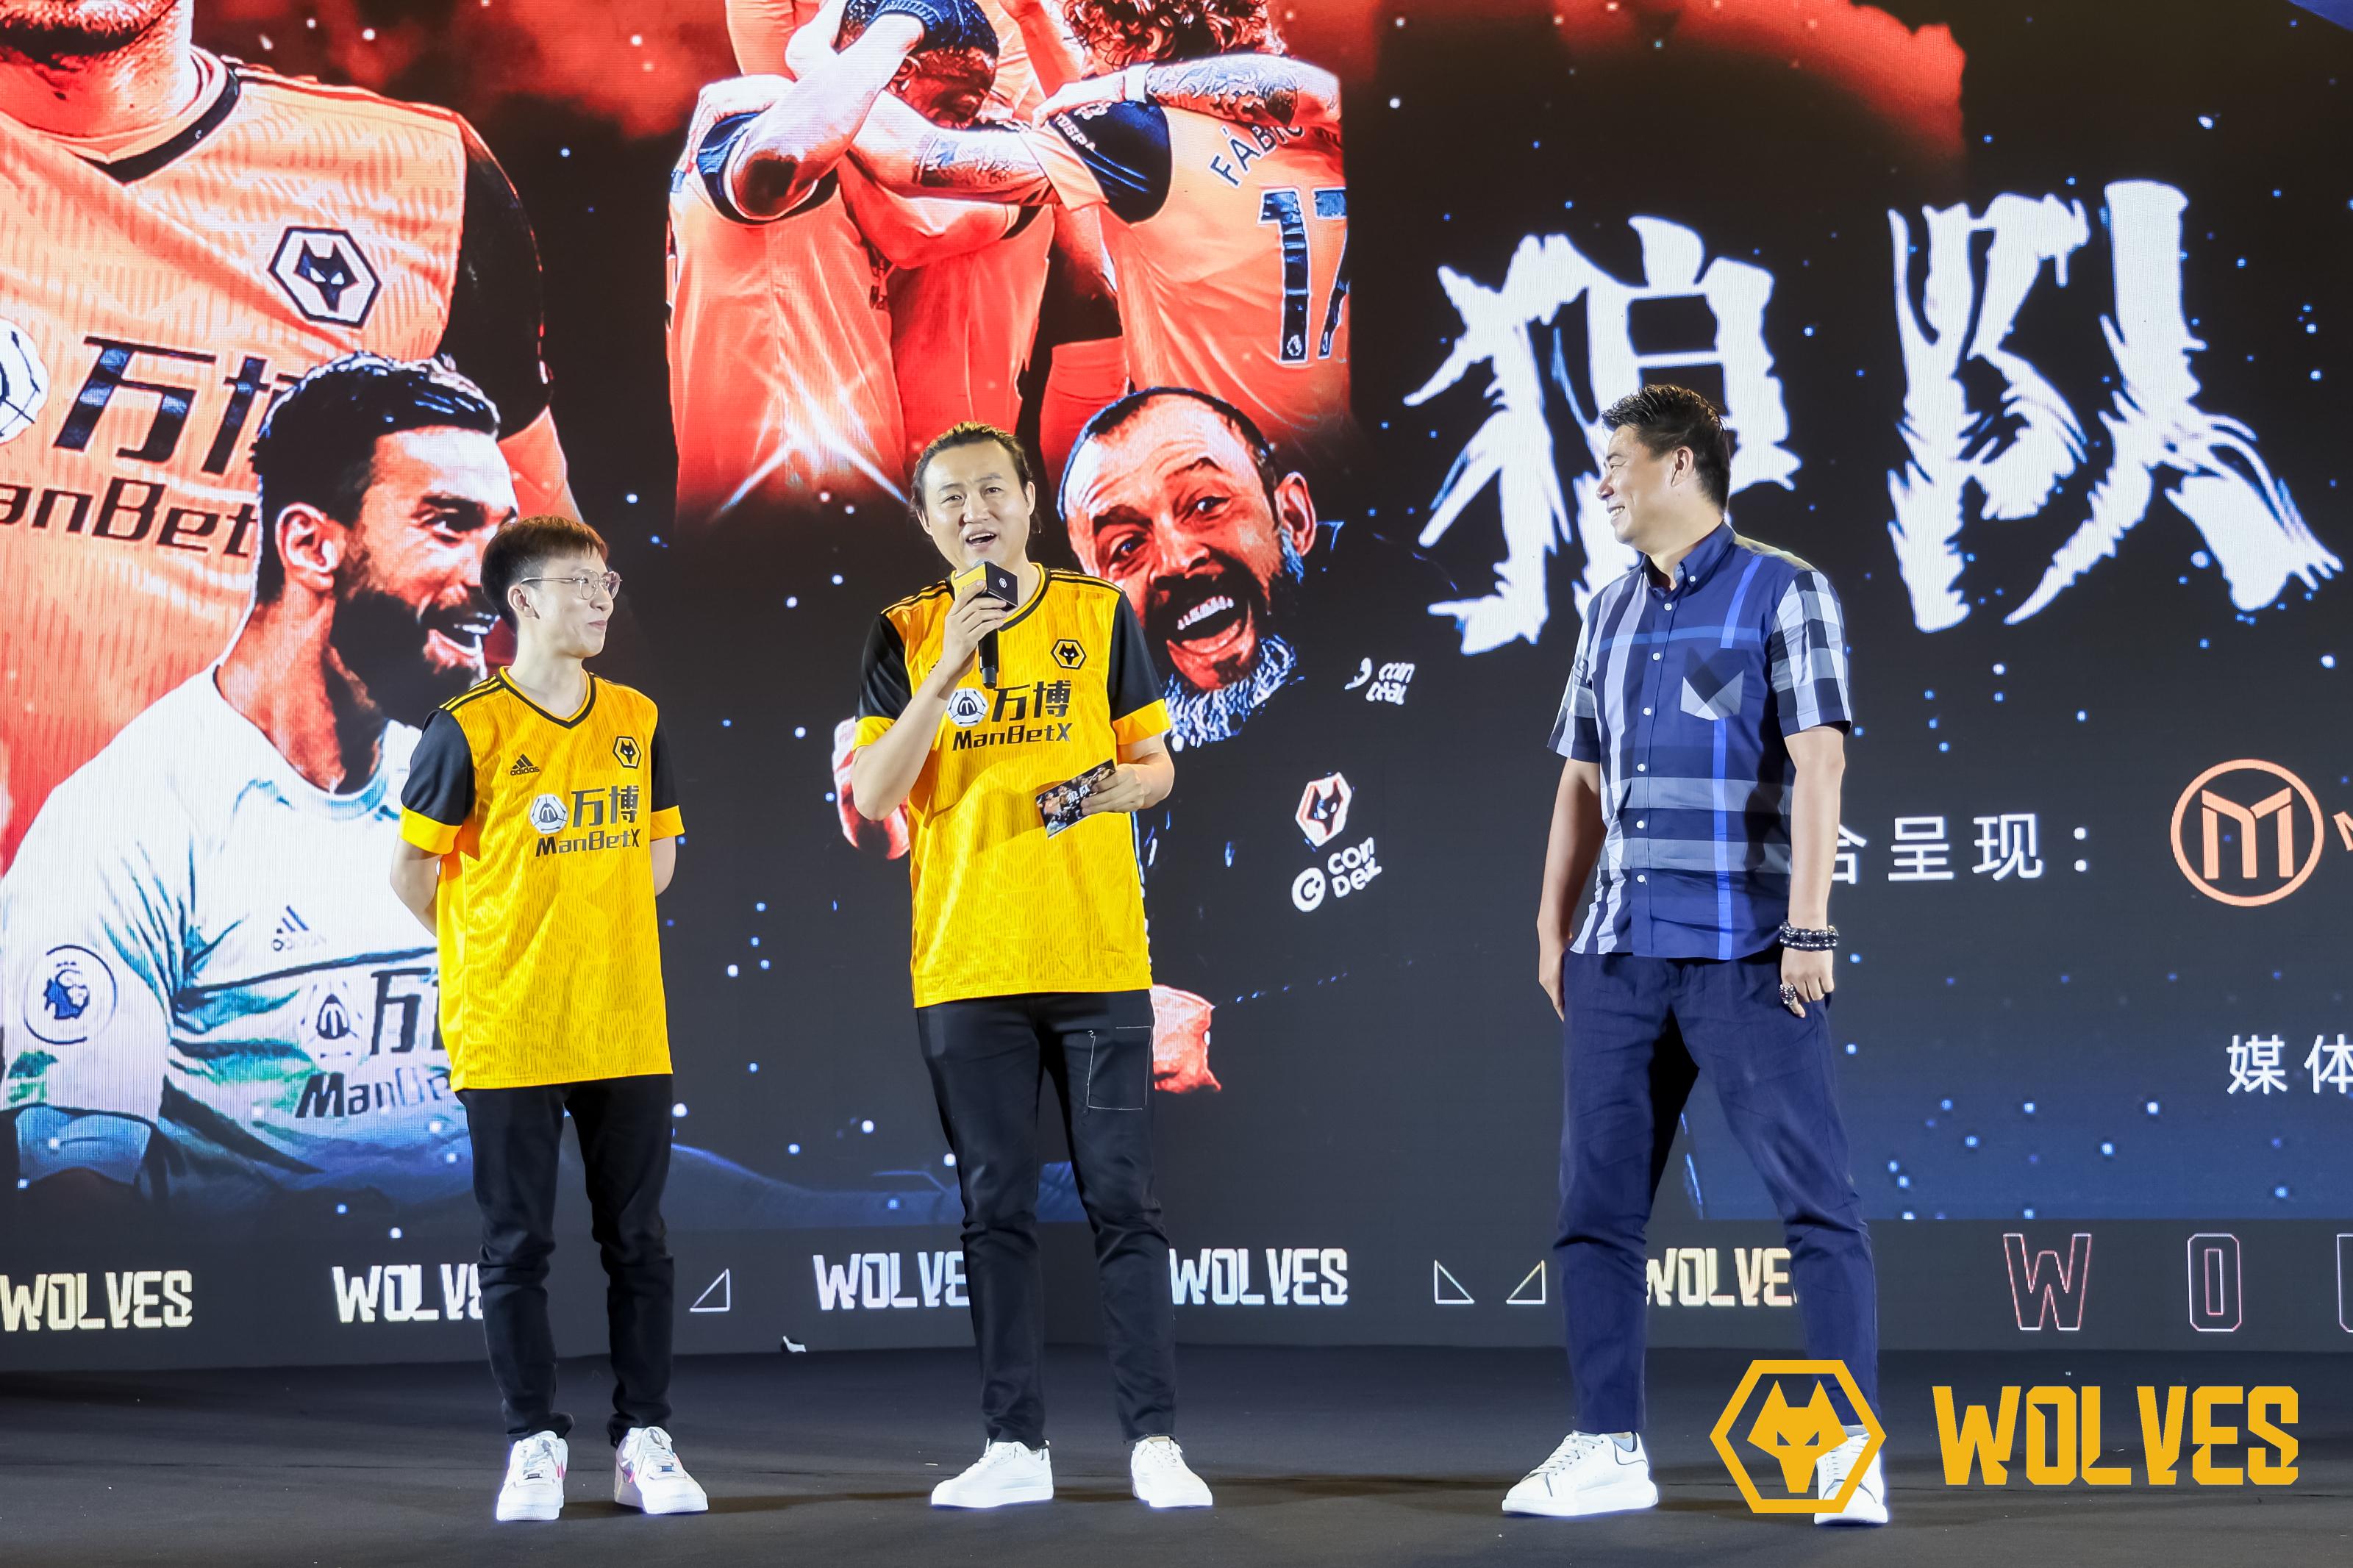 当观赛变成狂欢!深圳狼队球迷之夜收官日圆满举行插图9